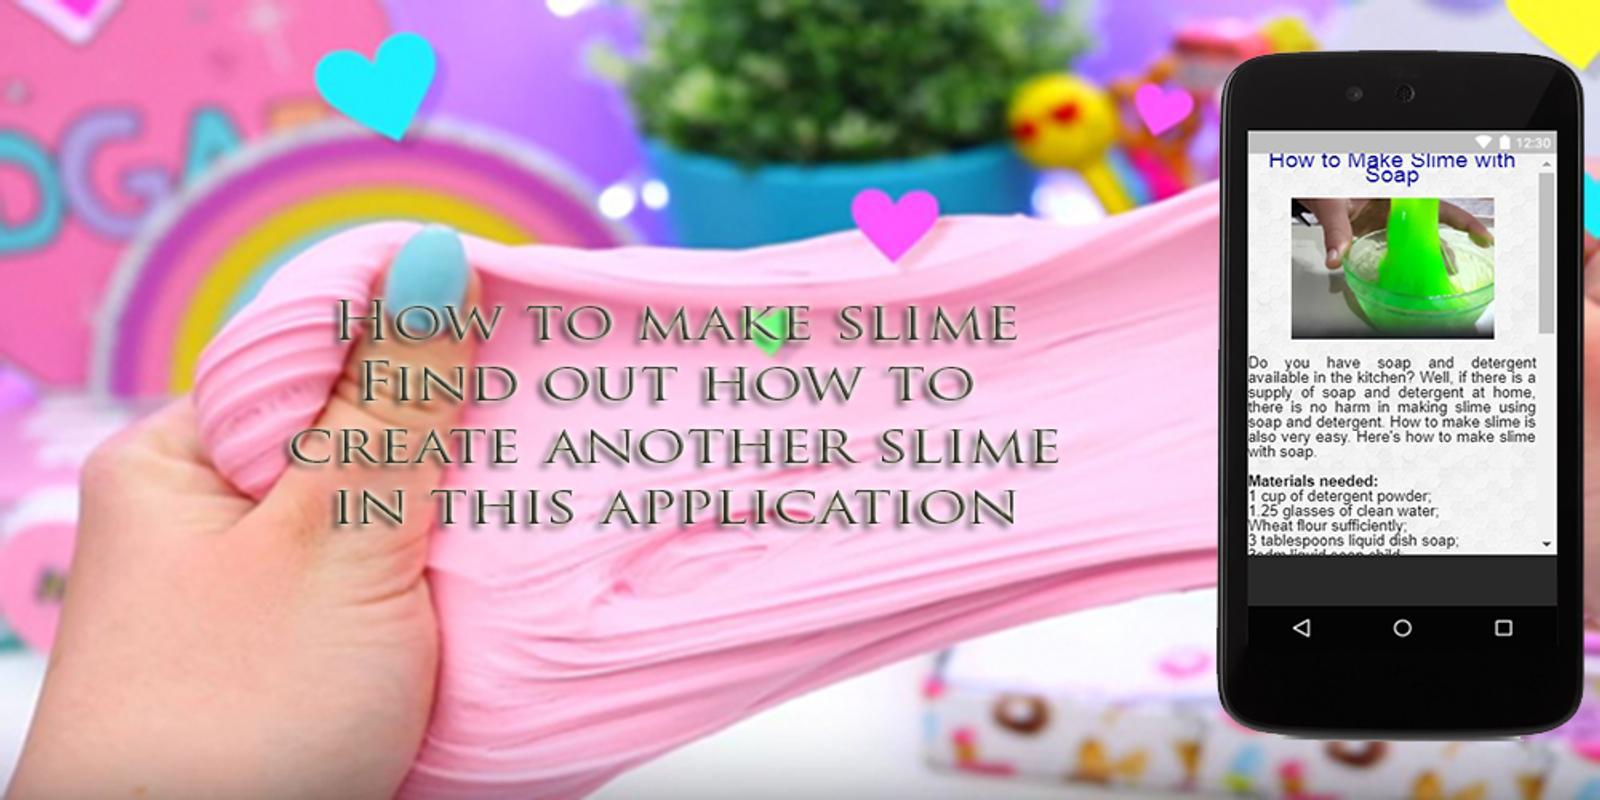 Make slime funny apk baixar grtis livros e referncias aplicativo make slime funny apk imagem de tela ccuart Image collections